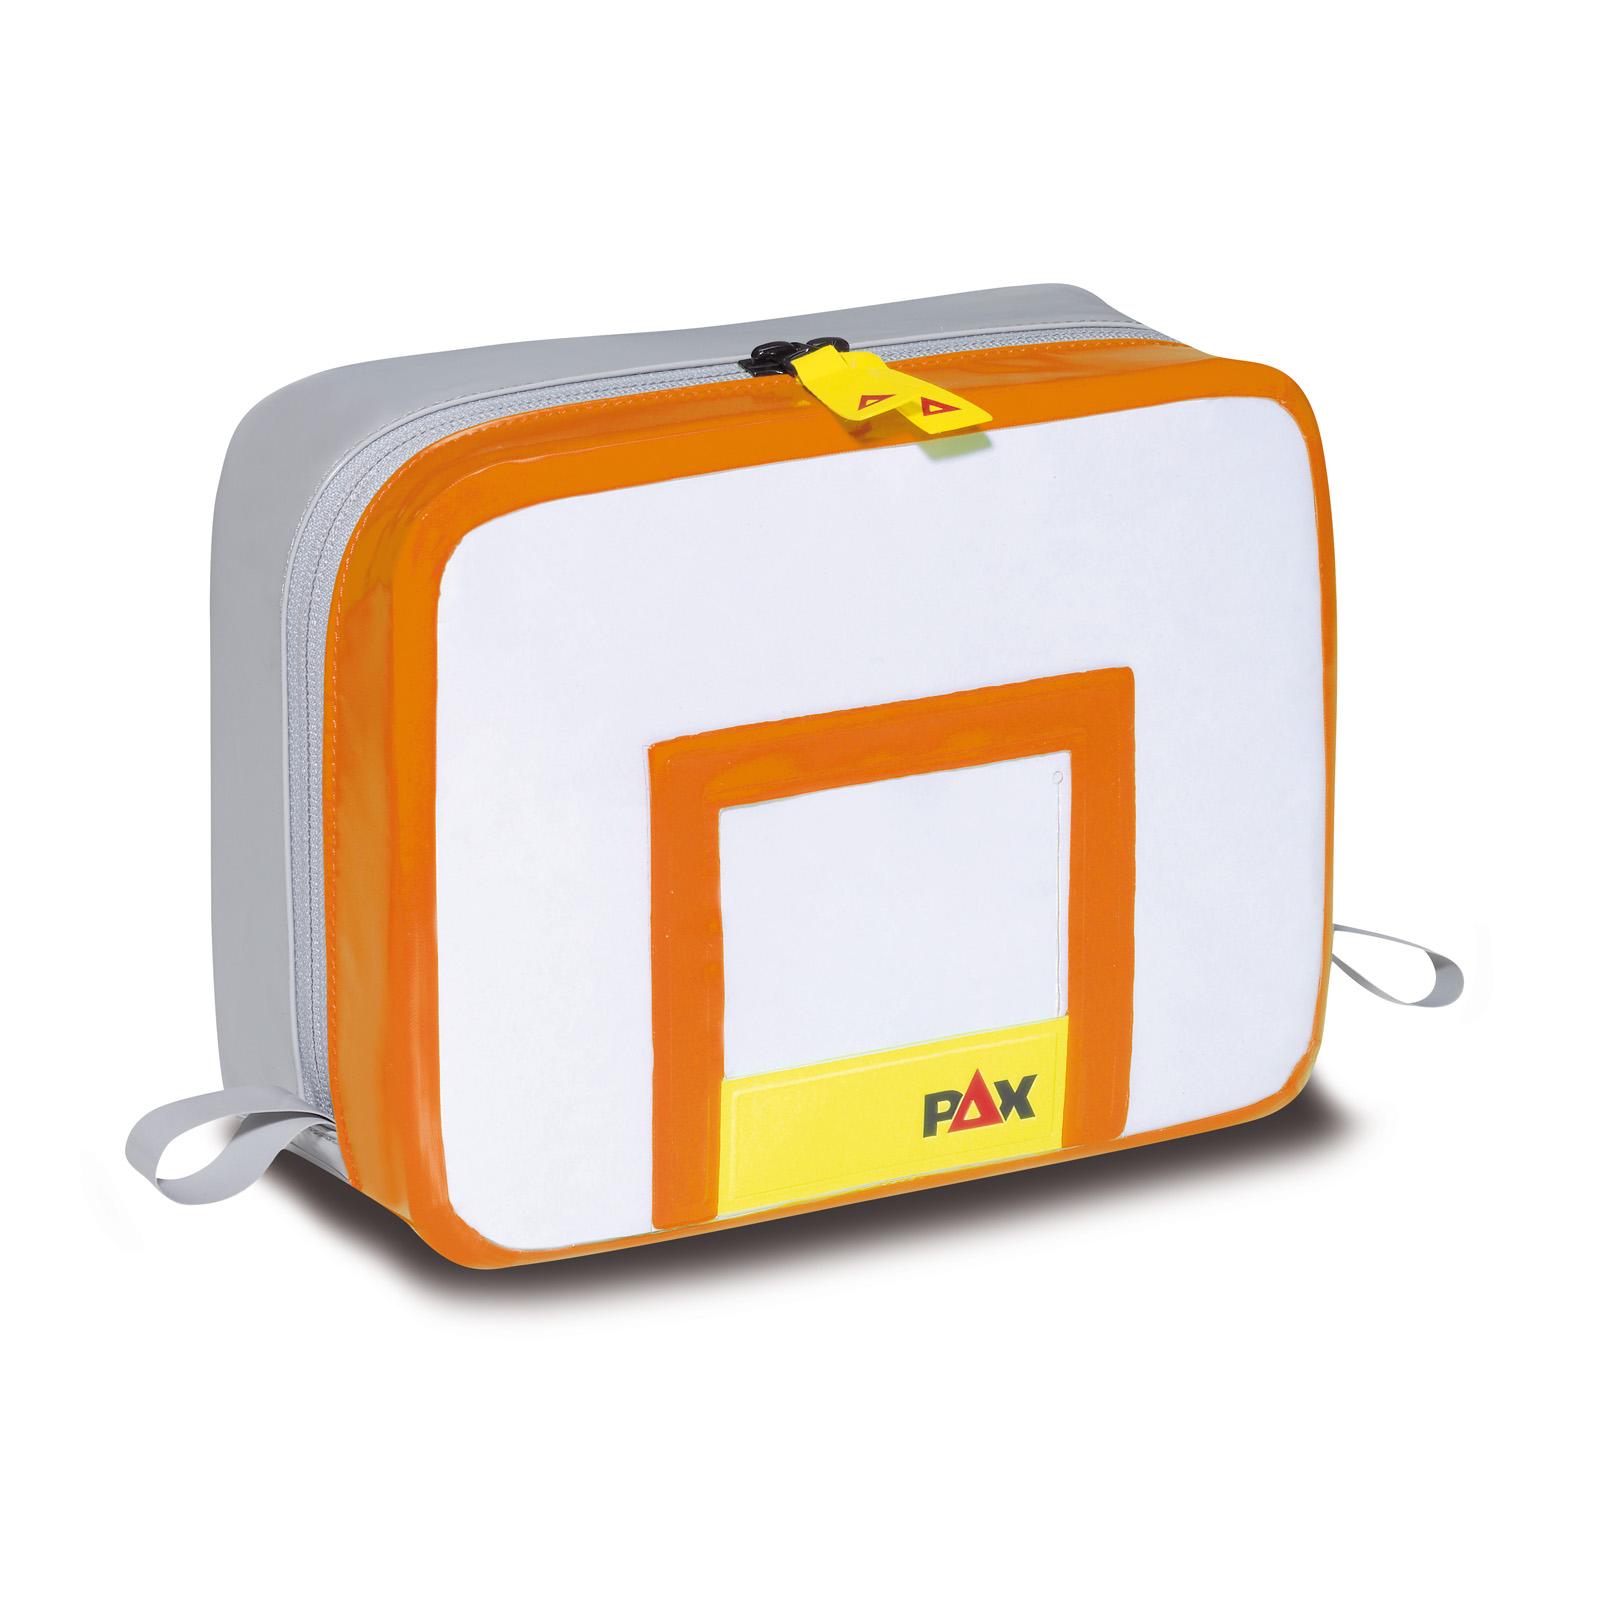 Innentasche FT - geschweißt, PAX-PureTex in orange